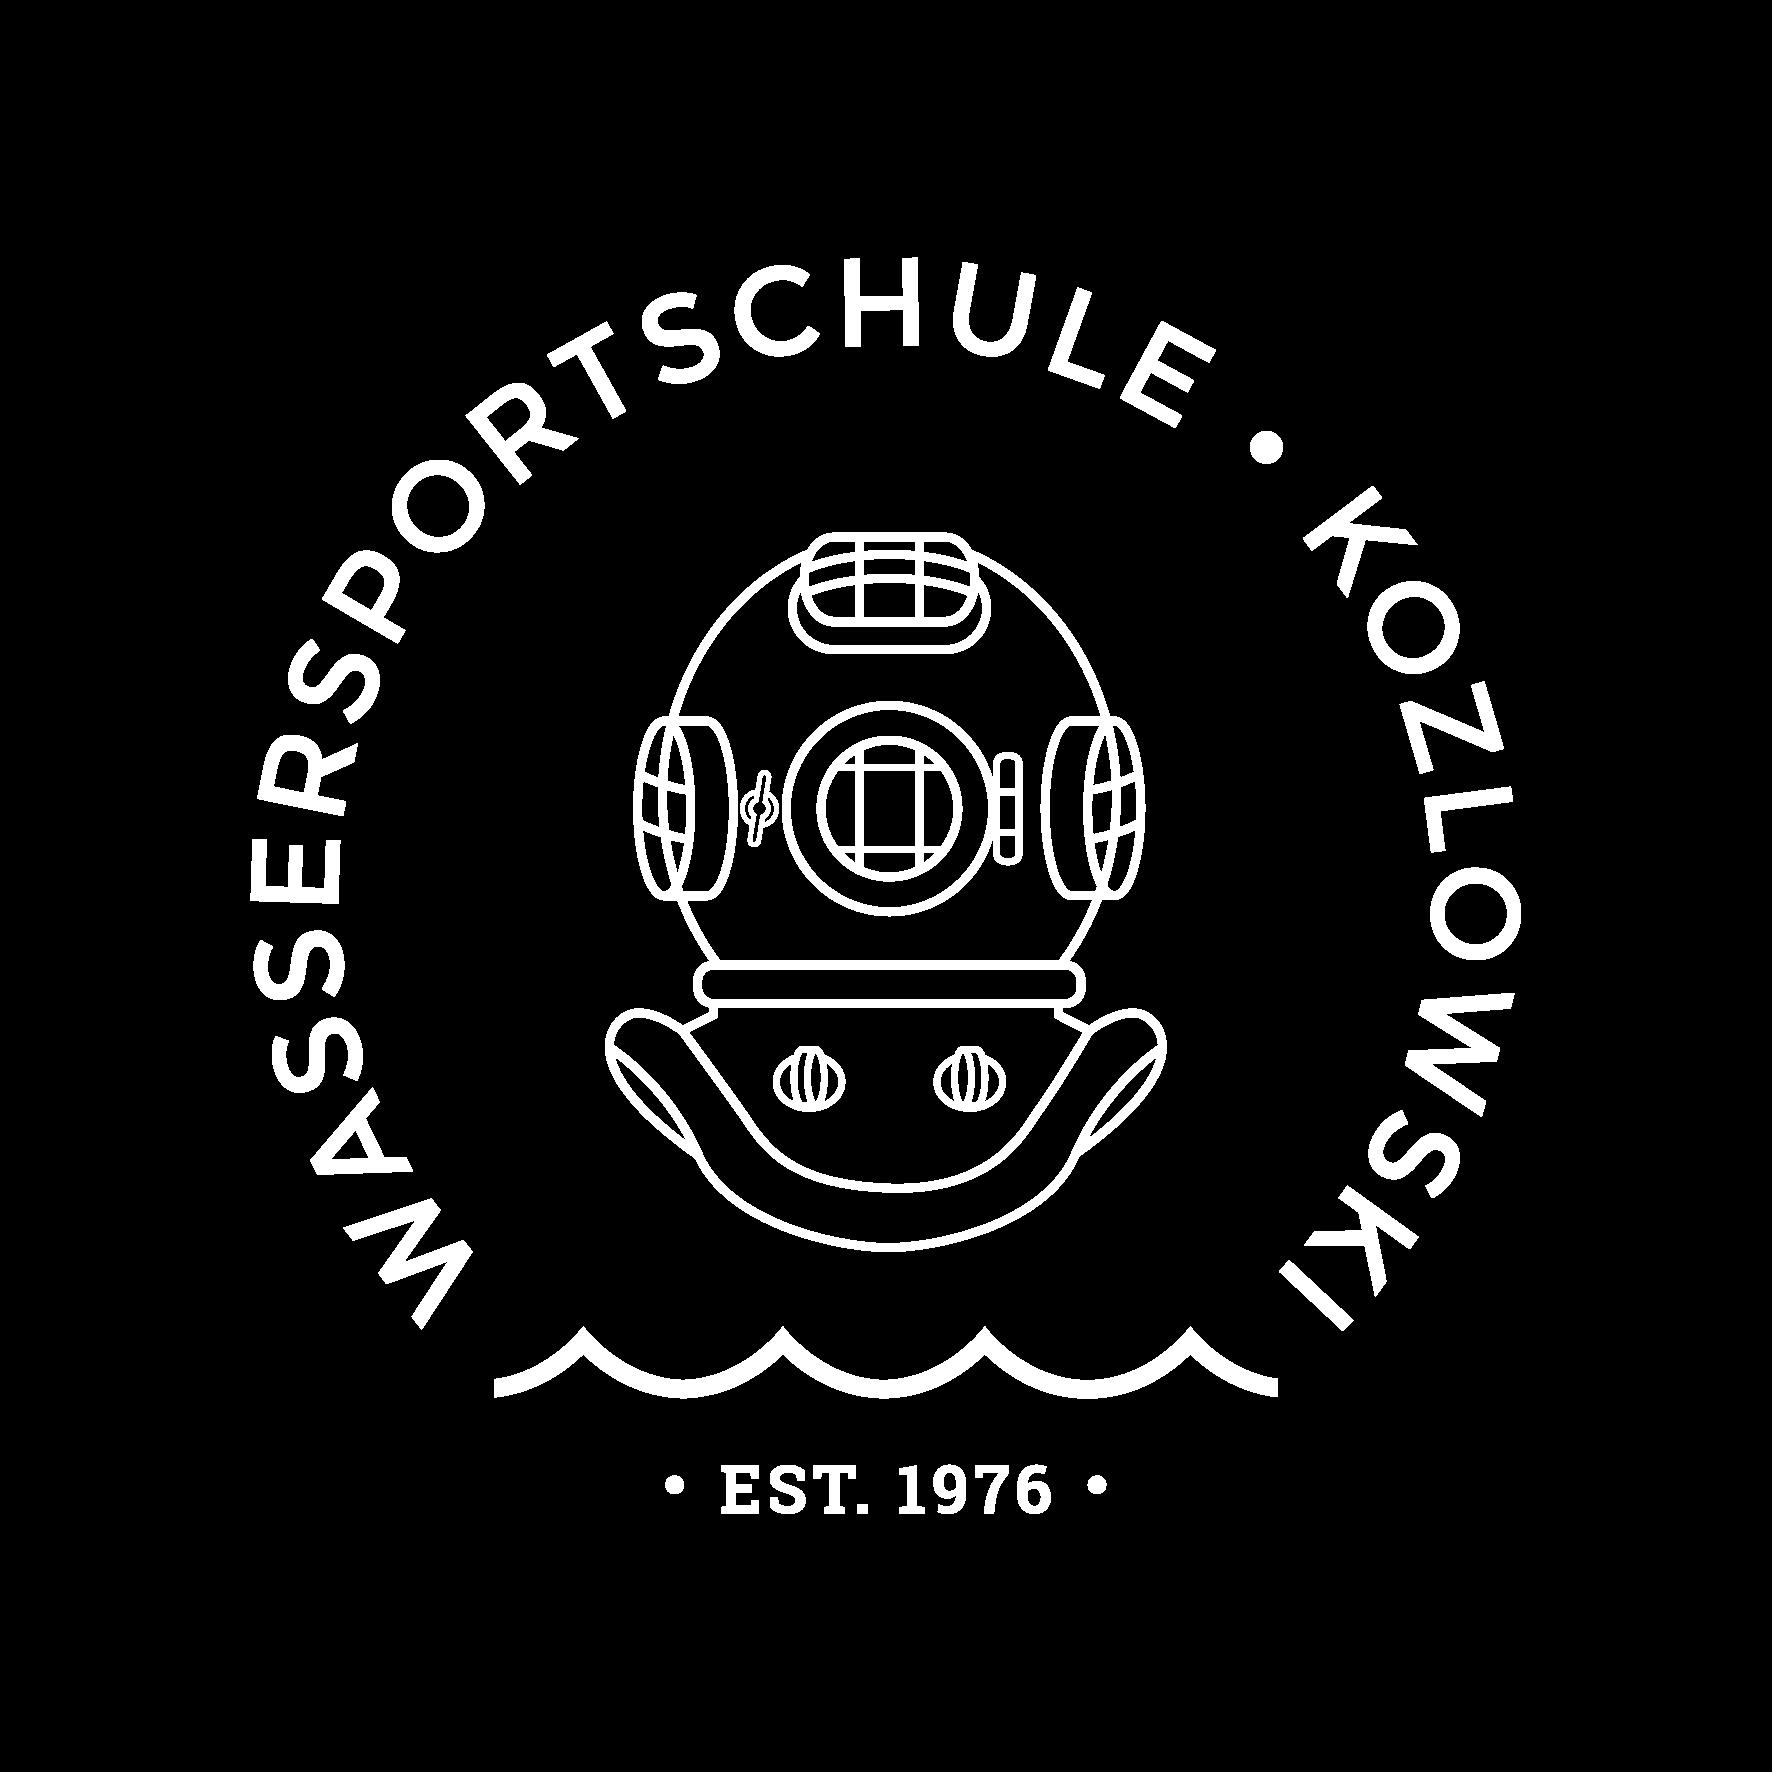 Wassersportschule Kozlowski Logo Helmtaucher Segeln Tauchen Kurse